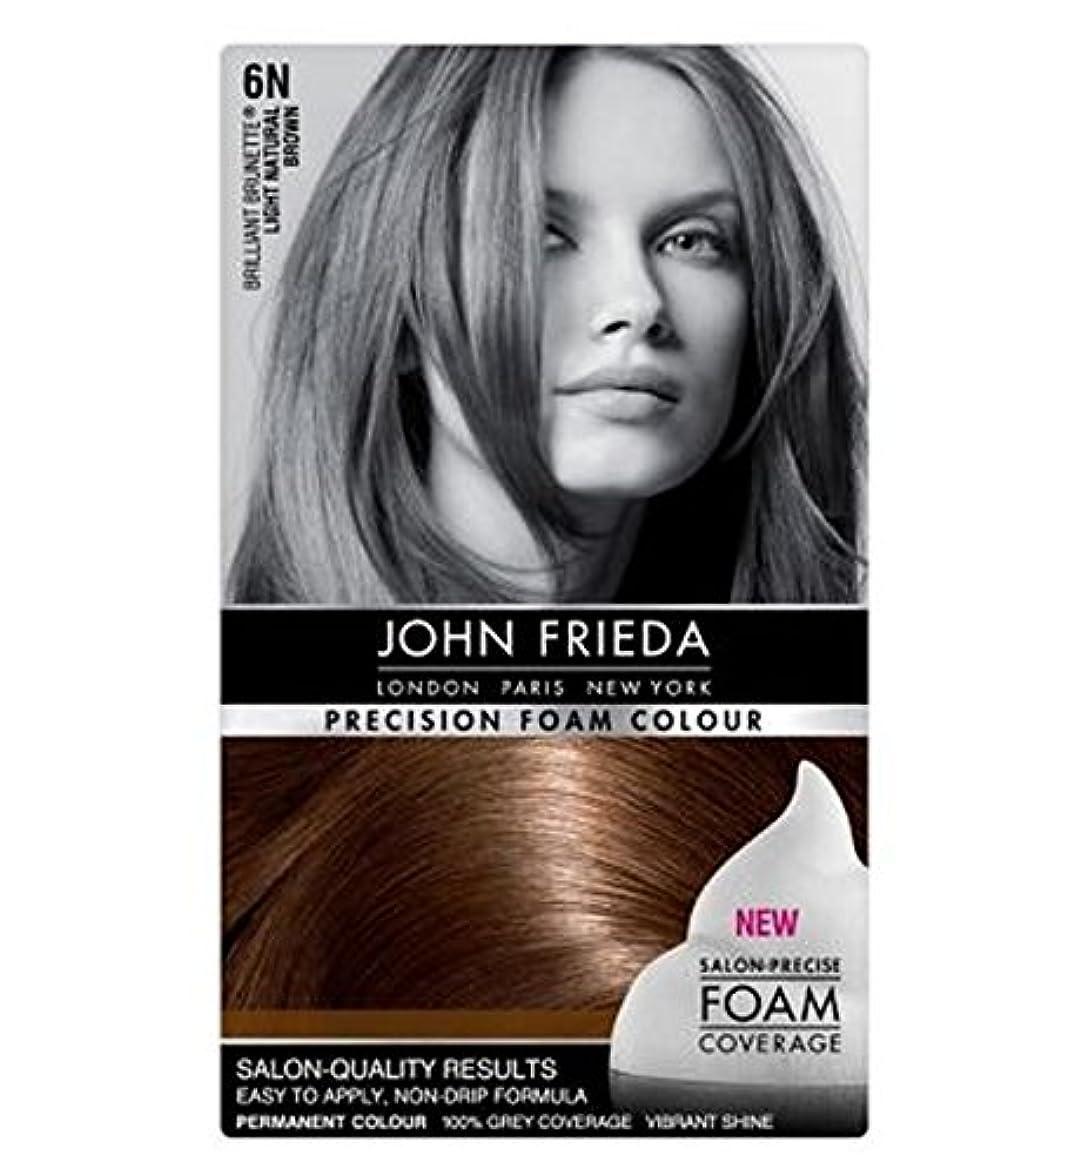 独立して楽な同情ライトナチュラルブラウン6Nのジョン?フリーダ精密泡カラー (John Frieda) (x2) - John Frieda Precision Foam Colour 6N Light Natural Brown (Pack of 2) [並行輸入品]